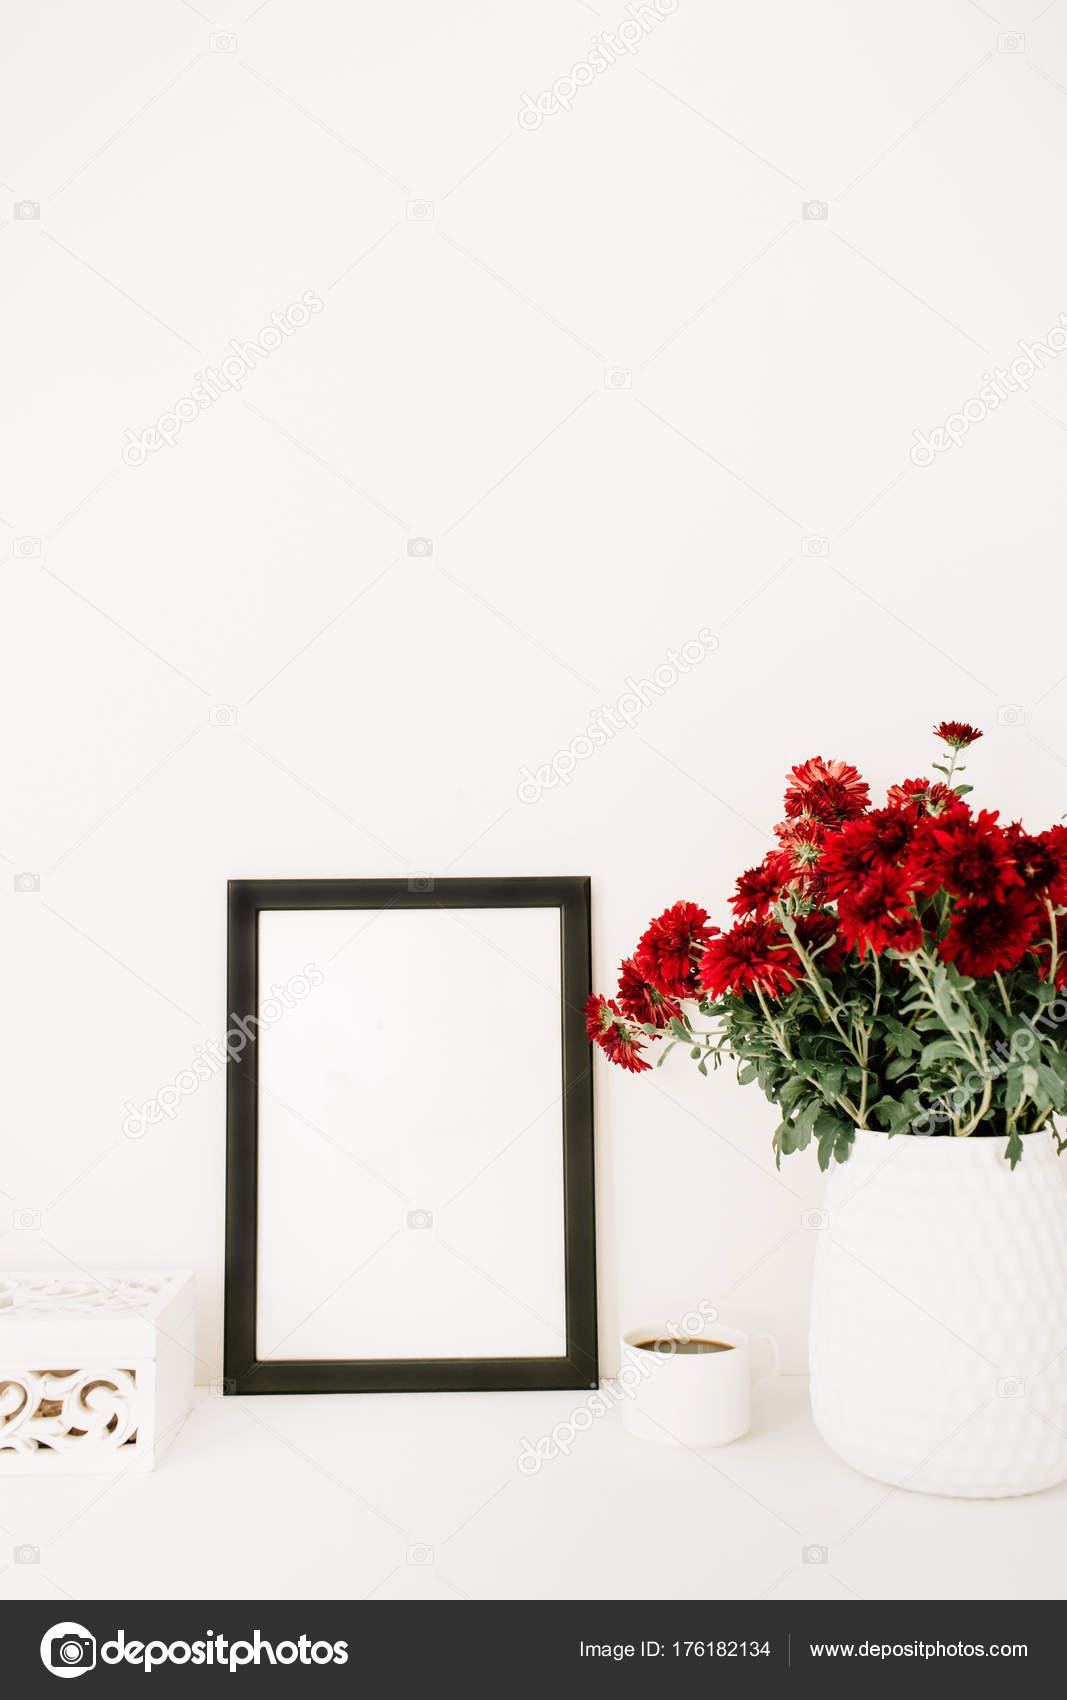 Fotorahmen Mock Schöne Rote Blumen Bukett Weiße Vintage Sarg Vor ...